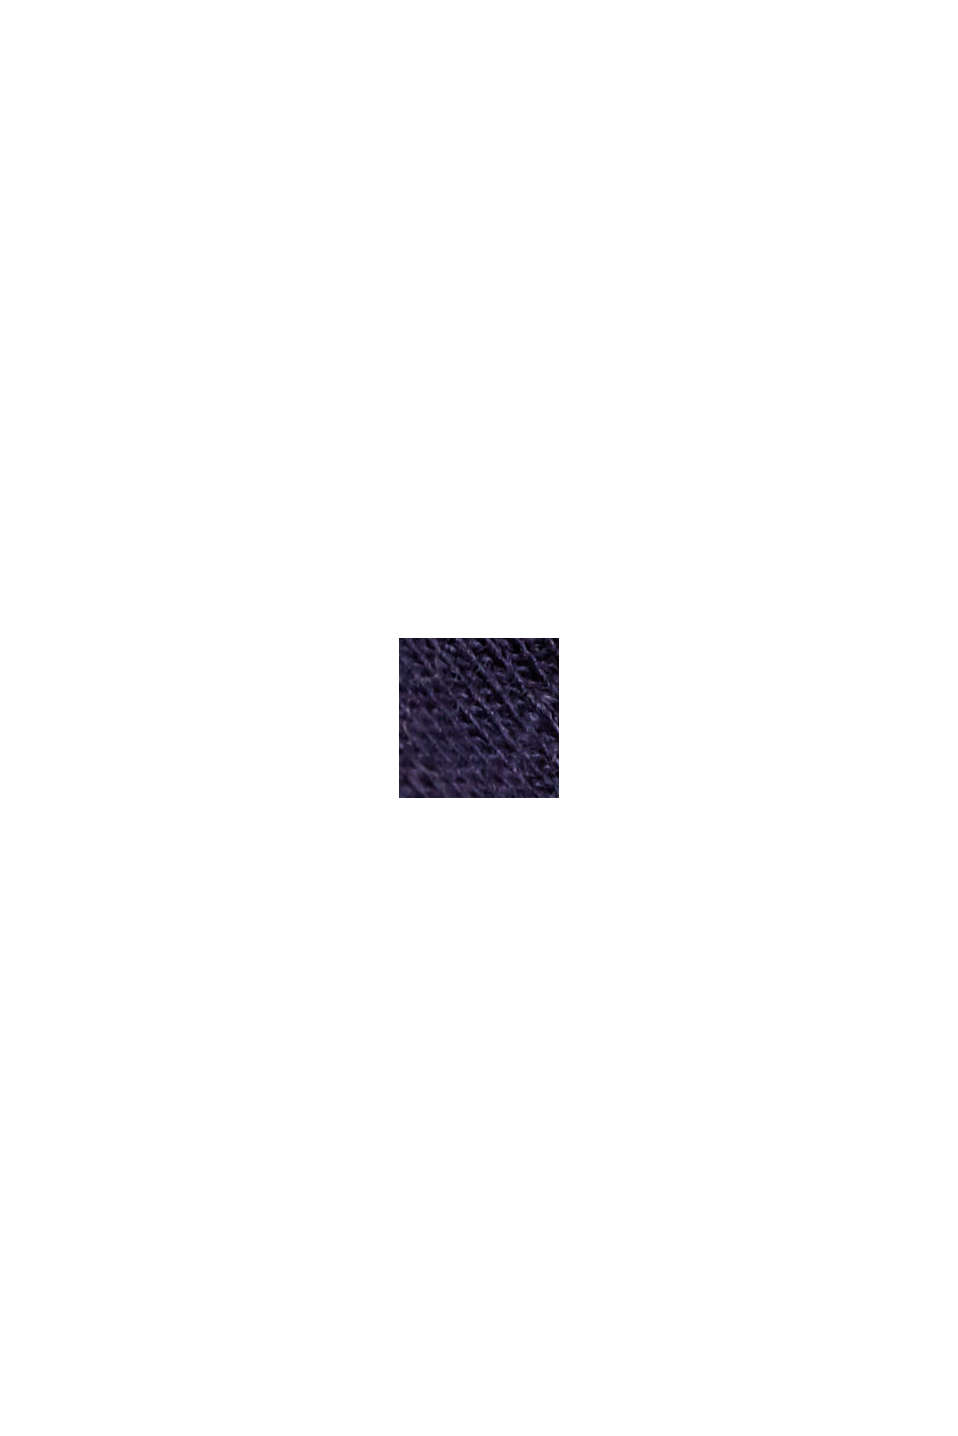 Maglia con scollo a V in cotone biologico/TENCEL™, NAVY, swatch